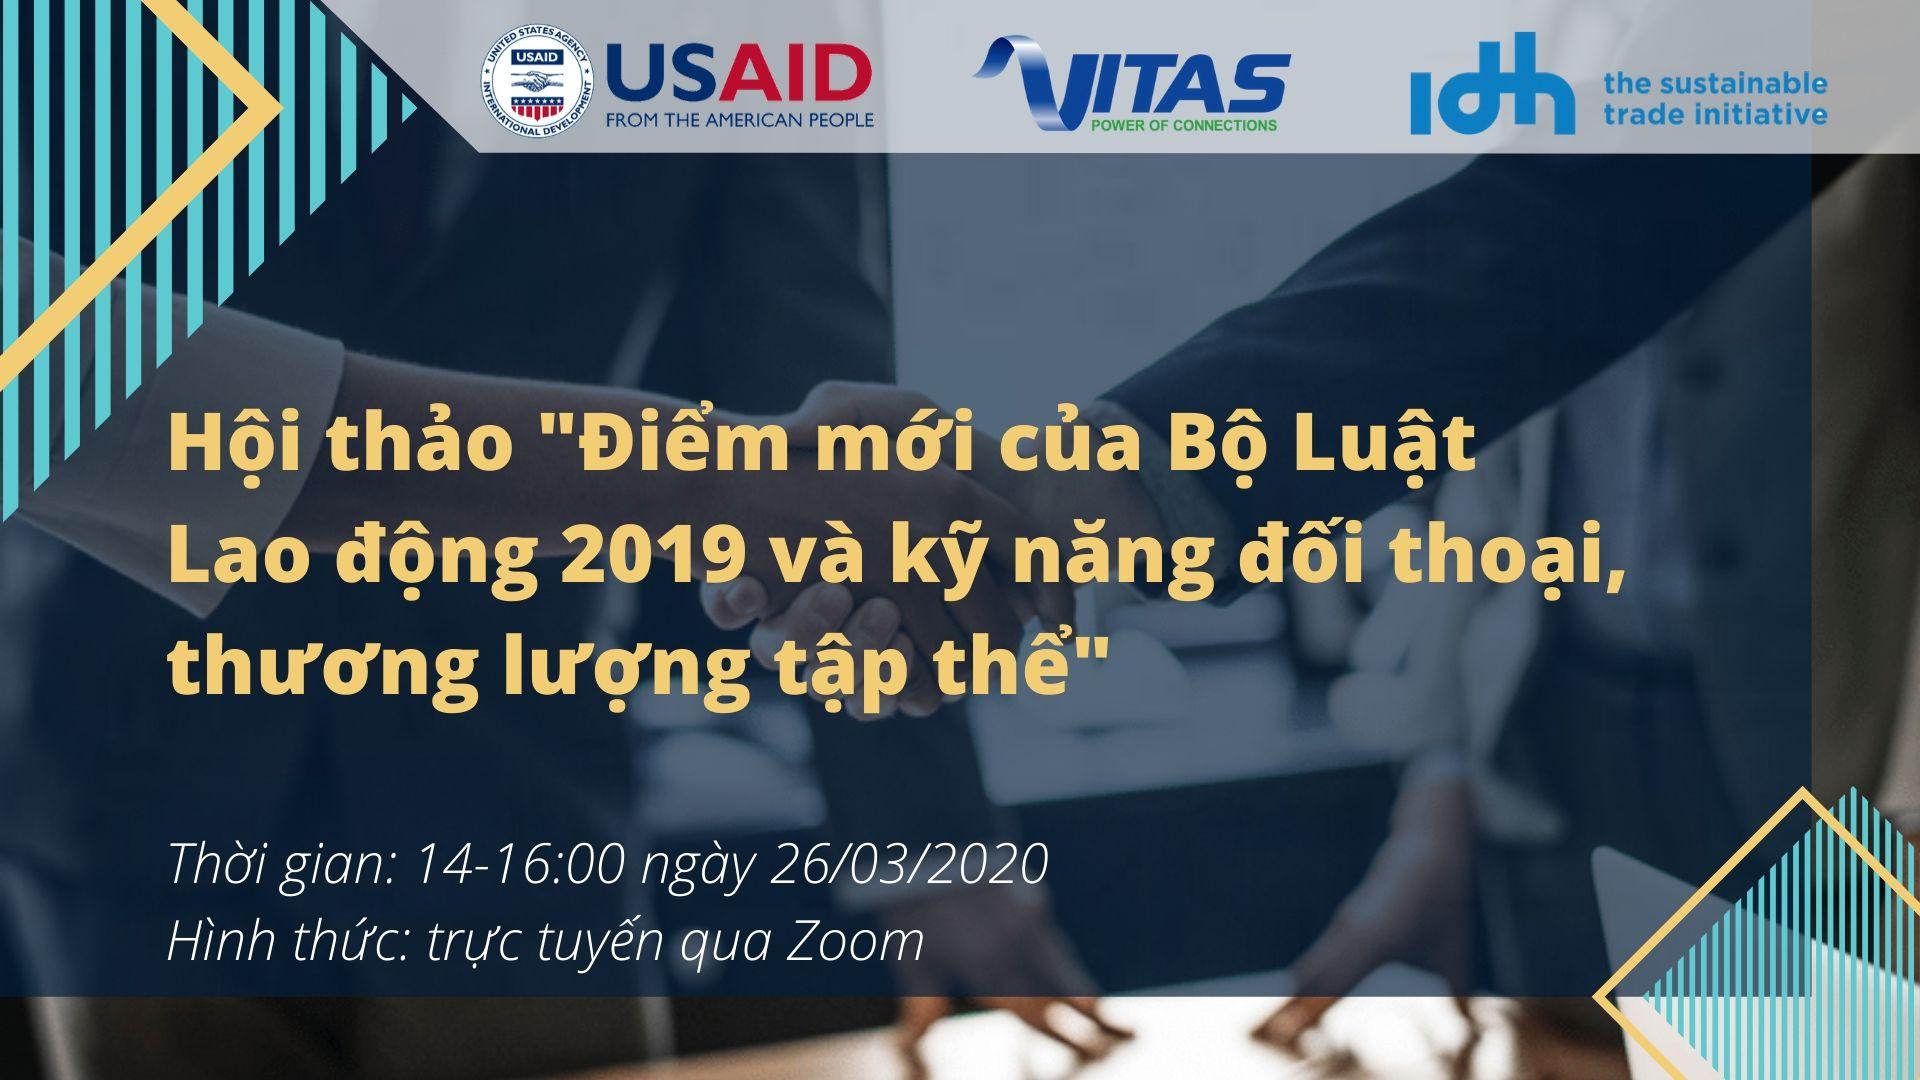 """Mời tham dự hội thảo """"Điểm mới của Bộ Luật Lao động 2019 và kỹ năng đối thoại, thương lượng tập thể"""